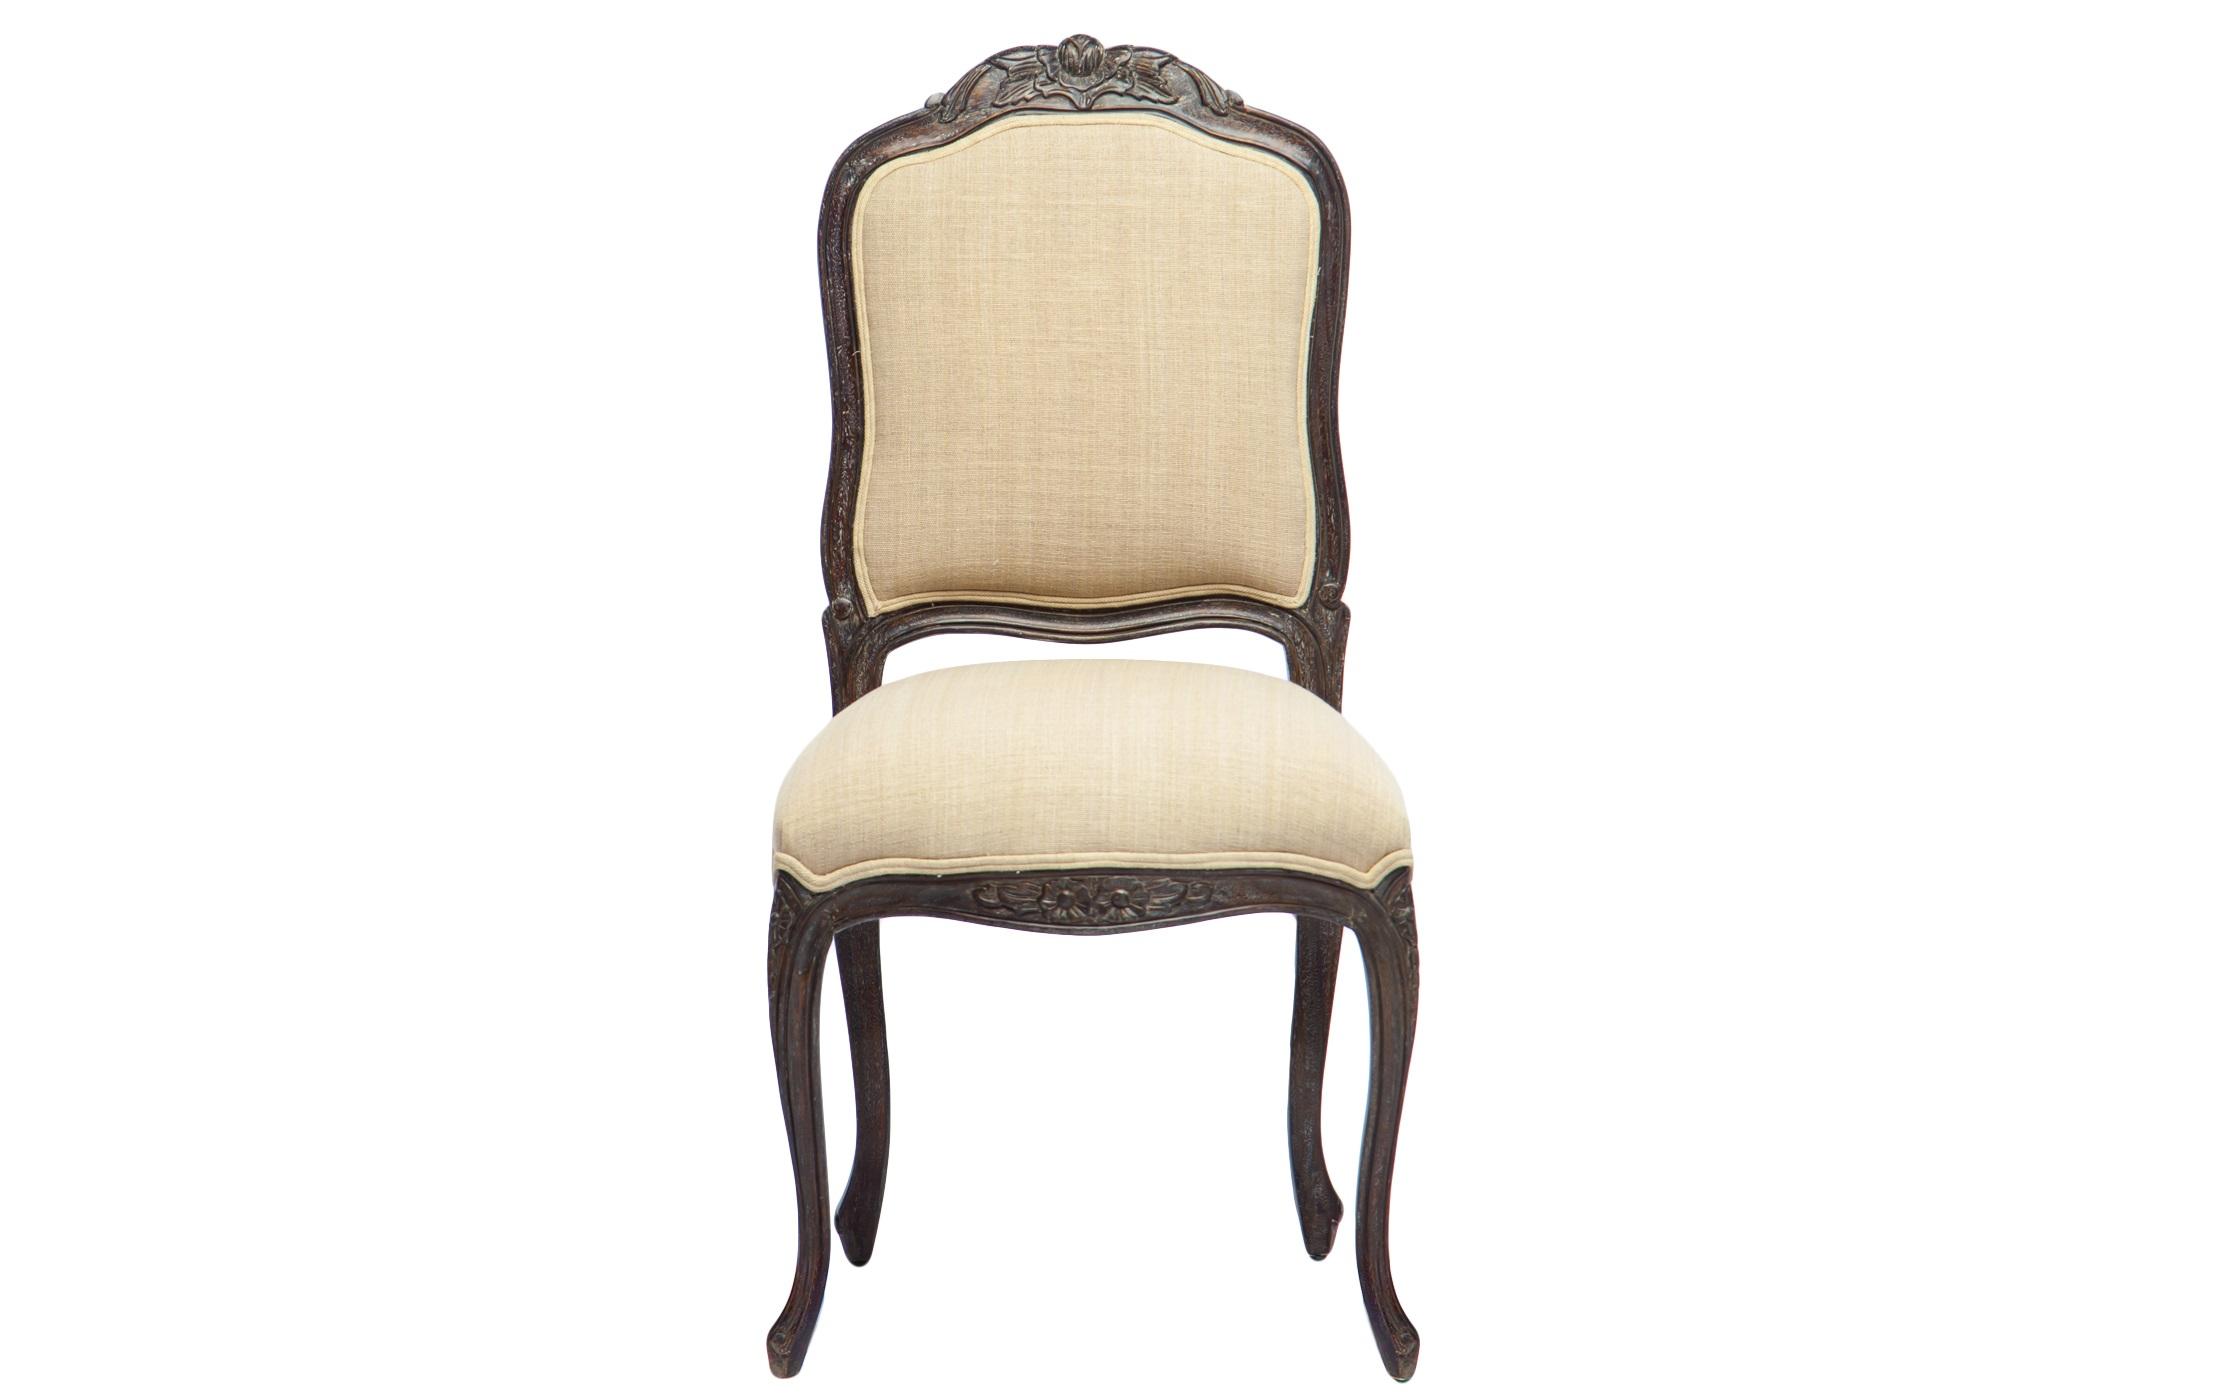 Стул АгатаОбеденные стулья<br>Стул из дерева махагони с мягкой спинкой, украшен резьбой. Обивка: 100% хлопок.<br><br>Material: Красное дерево<br>Width см: 56<br>Depth см: 50<br>Height см: 102